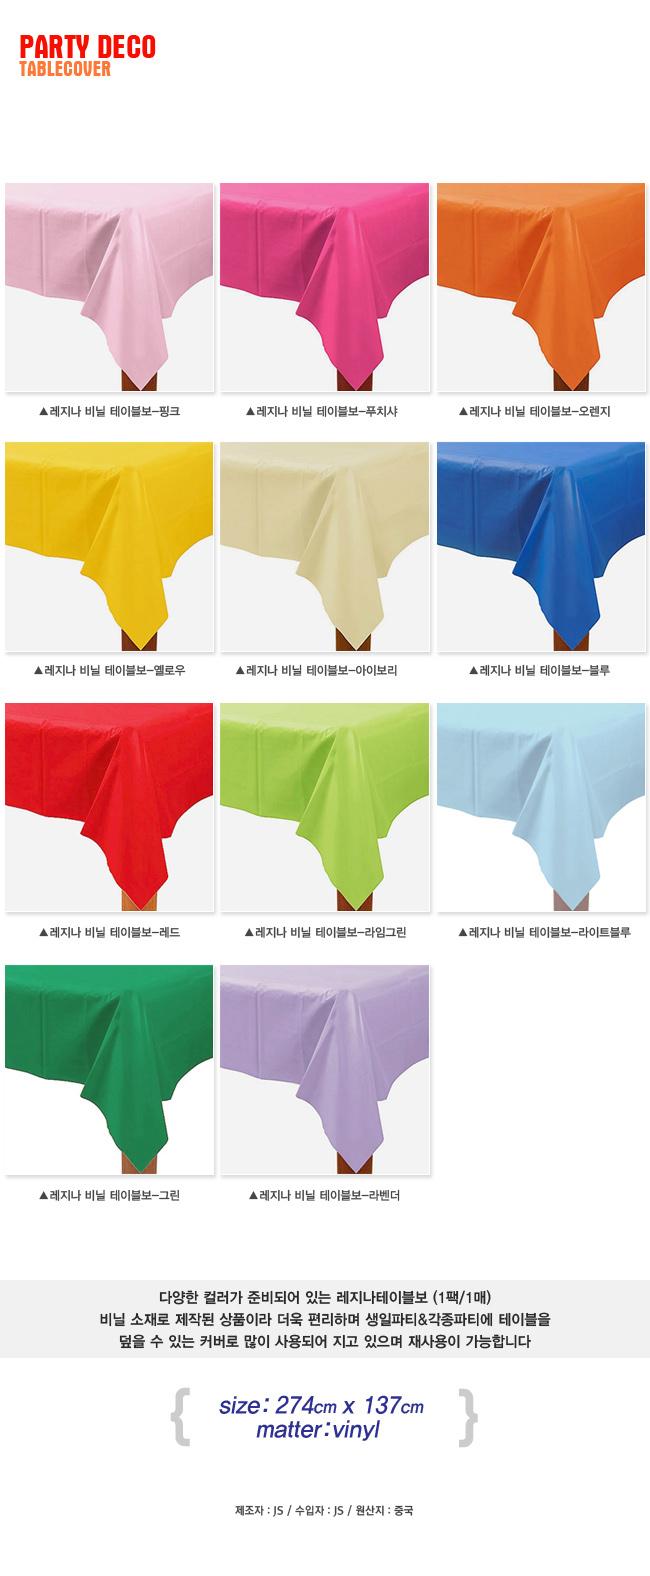 비닐 테이블보 [블루] _partypang - 파티팡, 5,000원, 파티용품, 식기/테이블/세트